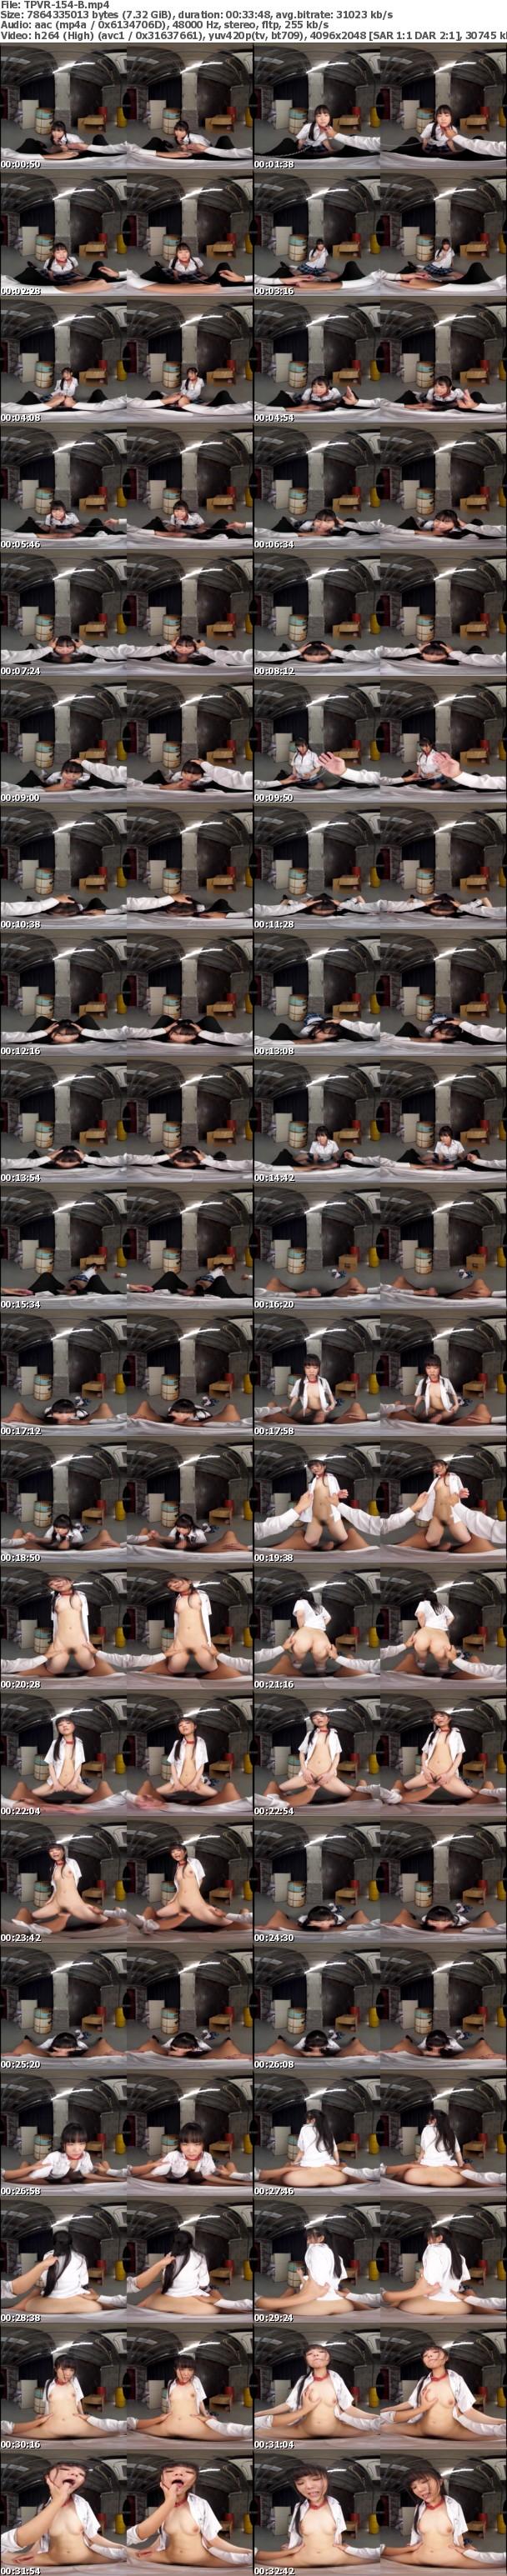 (VR) TPVR-154 HQ60fps J●段ボール監禁恥辱の記録 嫌がり暴れる美少女の喉奥深くにねじ込みハメる鬼畜SEX